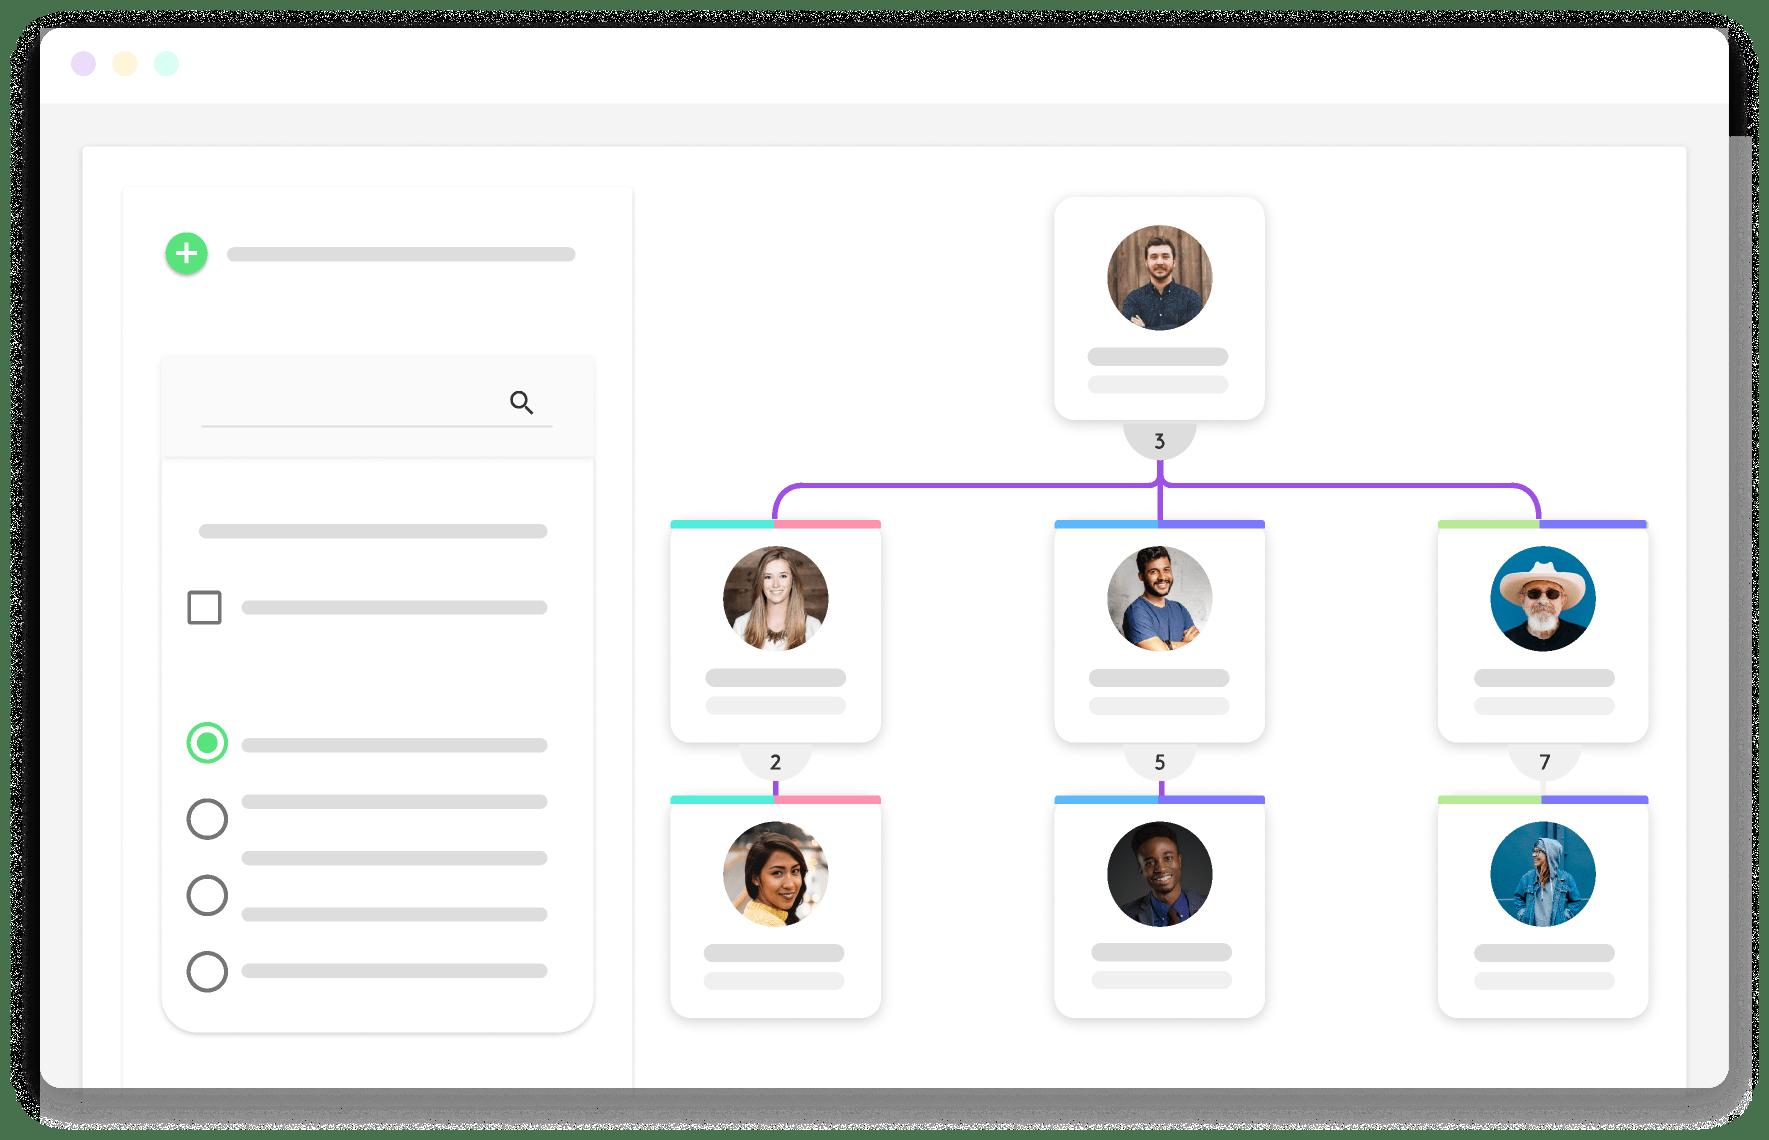 ejemplo de organigrama generado con Kenjo